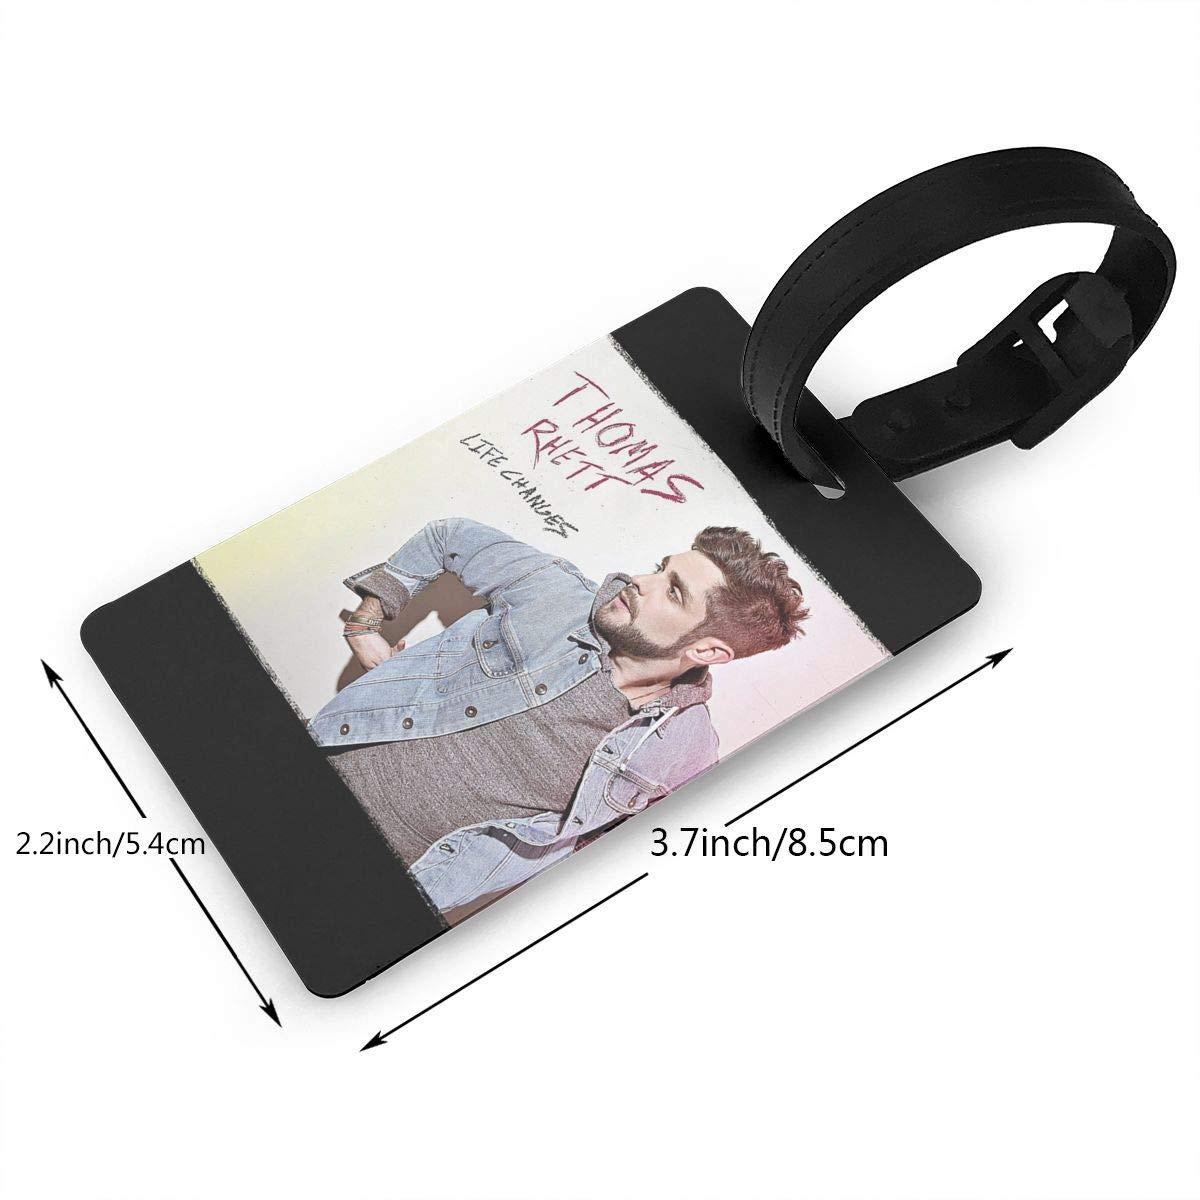 Luggage Tags 2.2x3.7inch HushuangPm Classic Thomas Rhett Life Changes Tags Luggage Etag Holders PVC